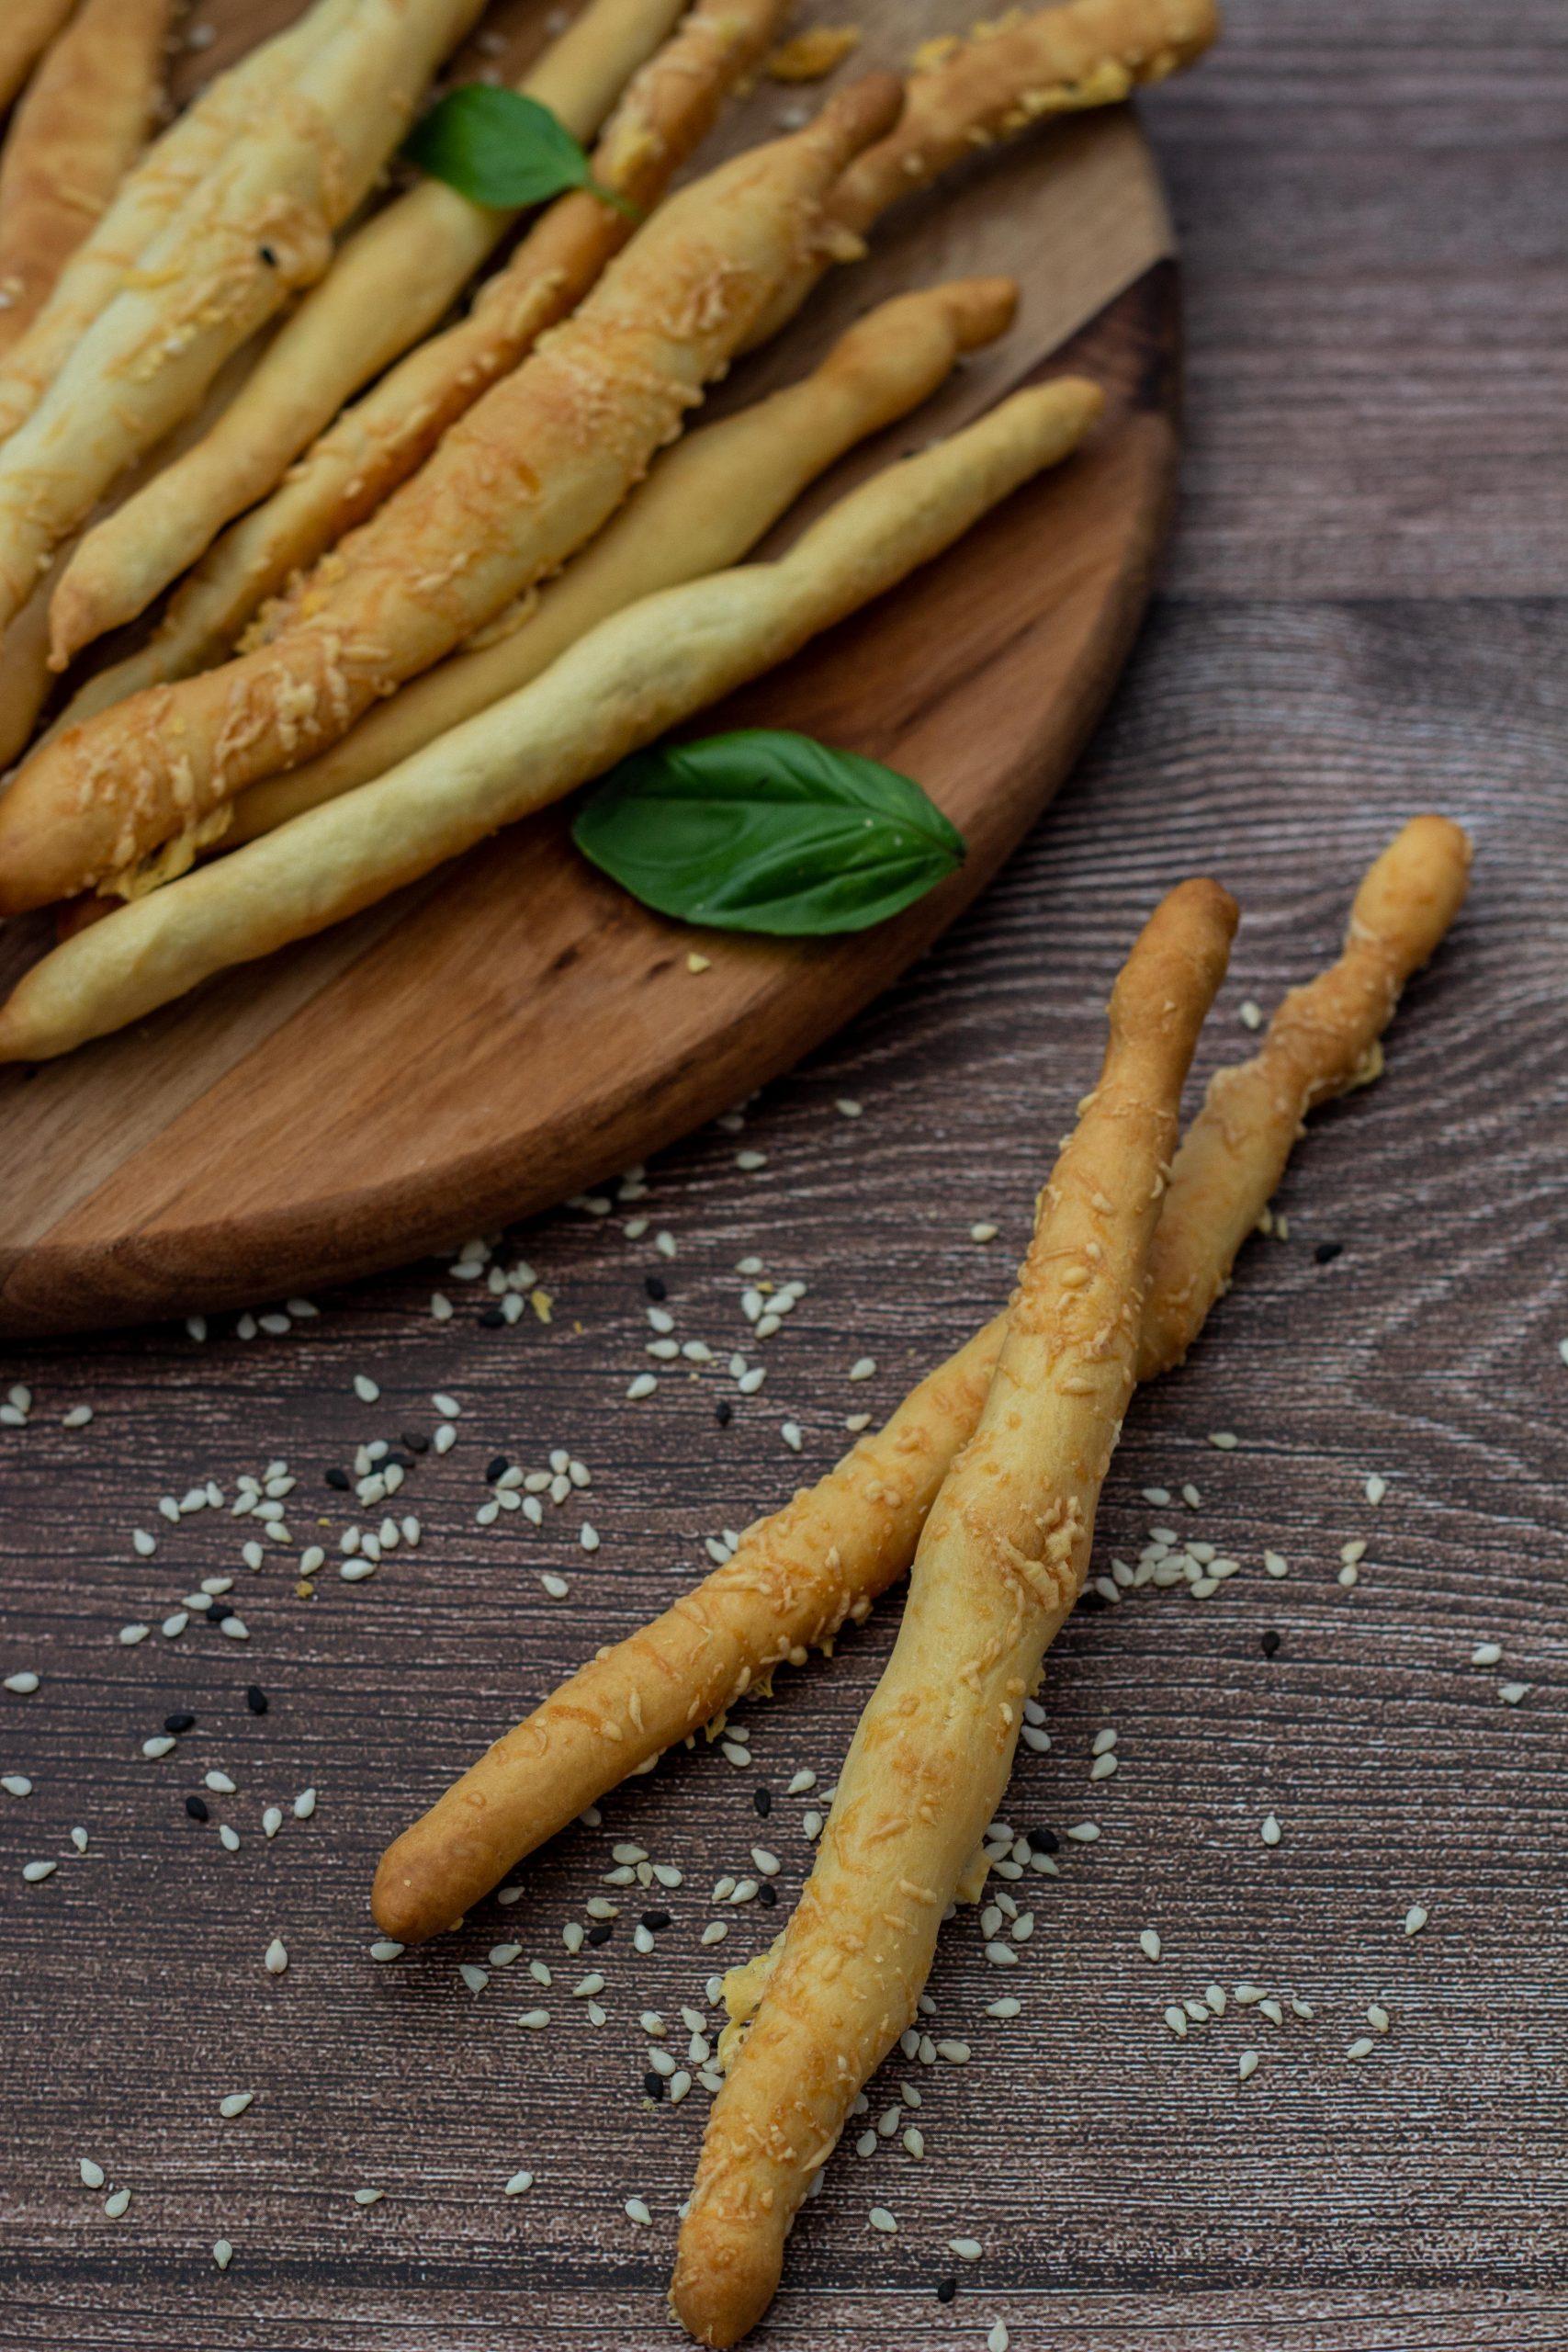 2 receptai duonos lazdelės ir medaus padaže marinuotos alyvuogės